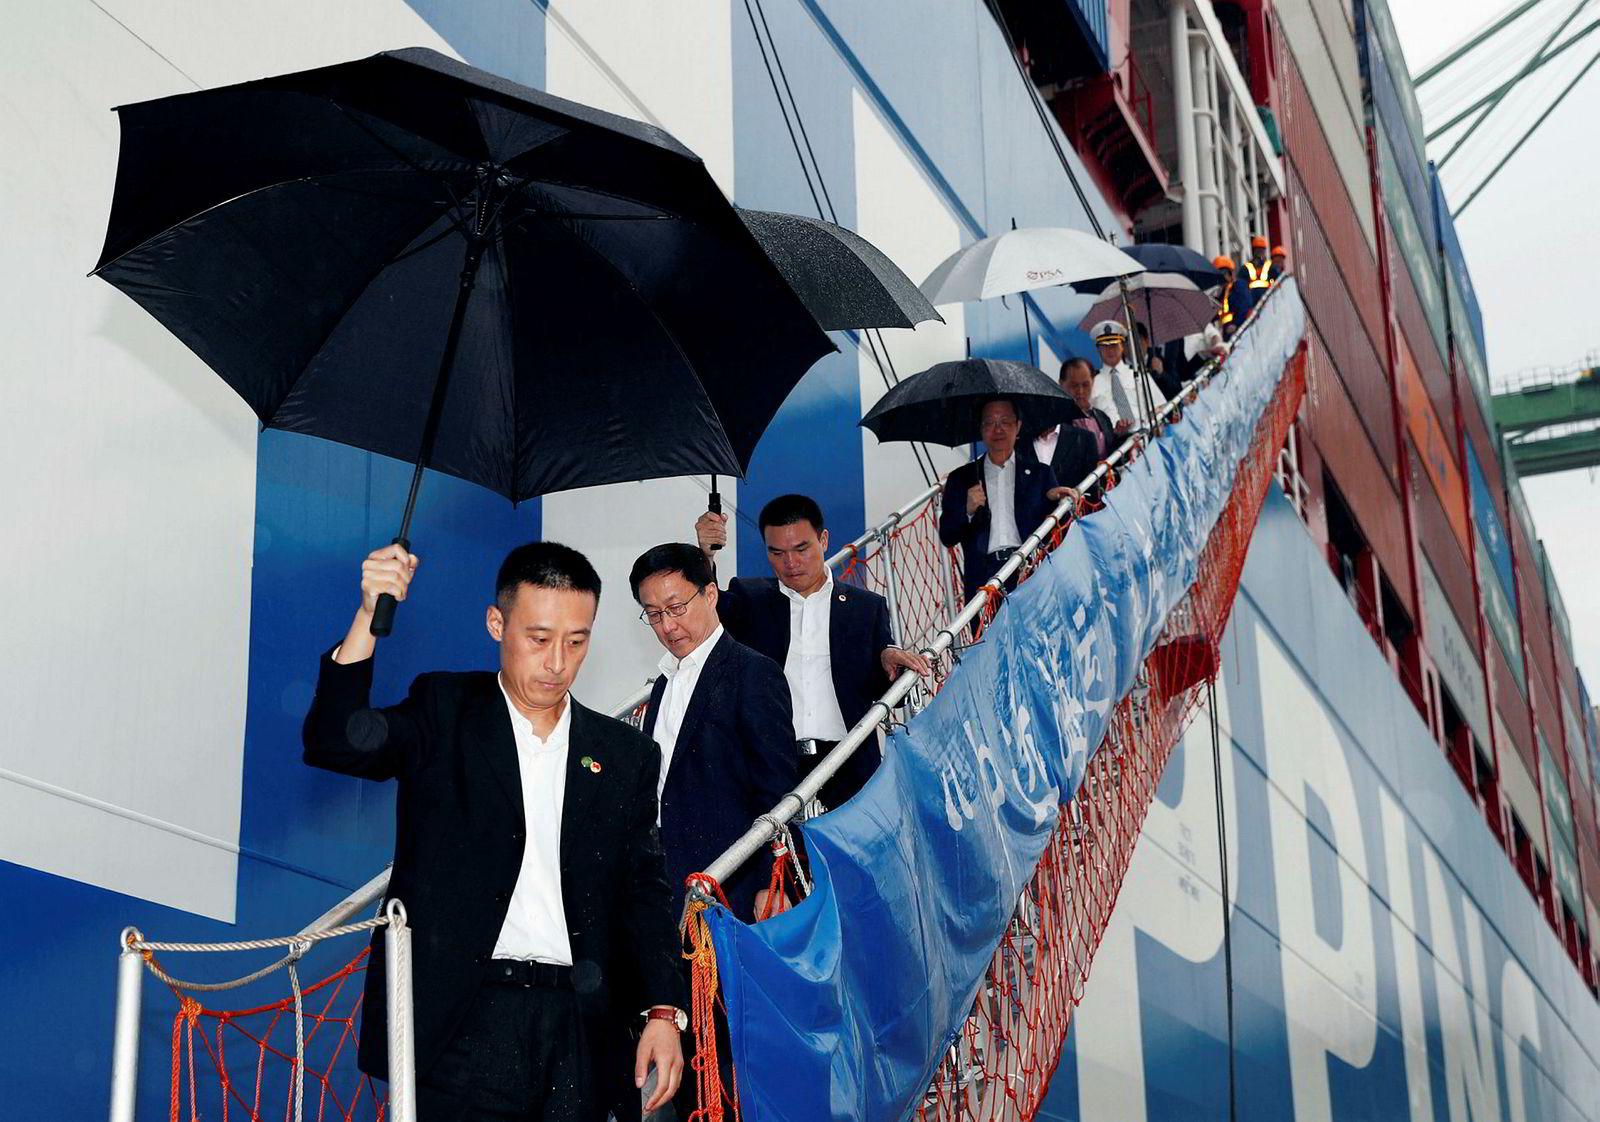 I sommer ble den kinesiske shippingkjempen Cosco utsatt for et krypteringsvirusangrep i USA som spredte seg til selskapets virksomheter i minst syv land. Bildet viser Kinas visestatsminister Han Zheng (nummer to fra venstre) på vei ut av et Cosco-skip i Singapore 19. september.